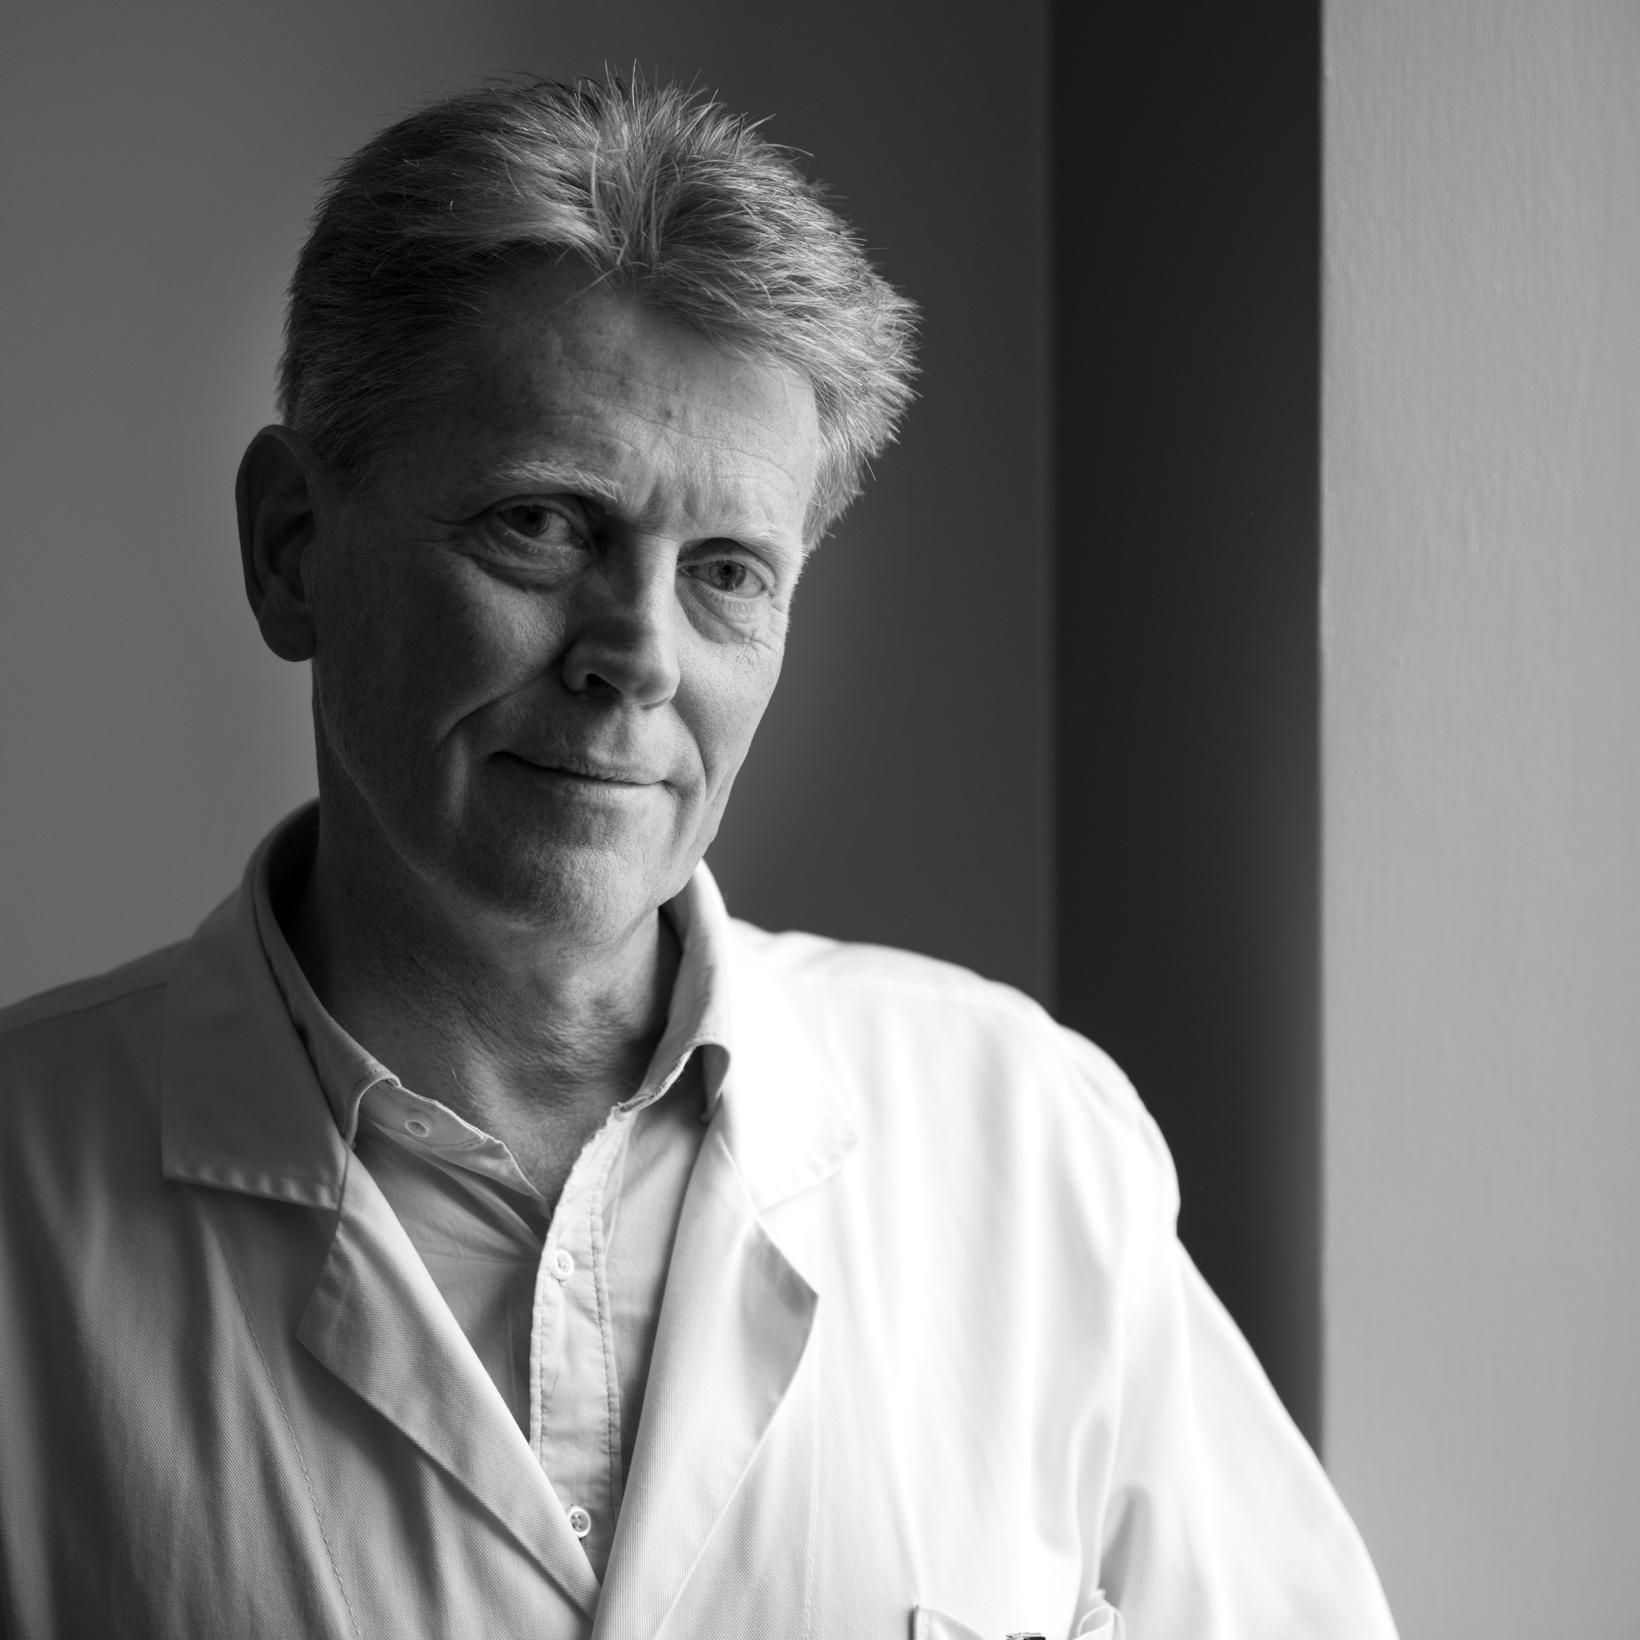 Már Kristjánsson, yfirlæknir smitsjúkdómadeildar Landspítalans.